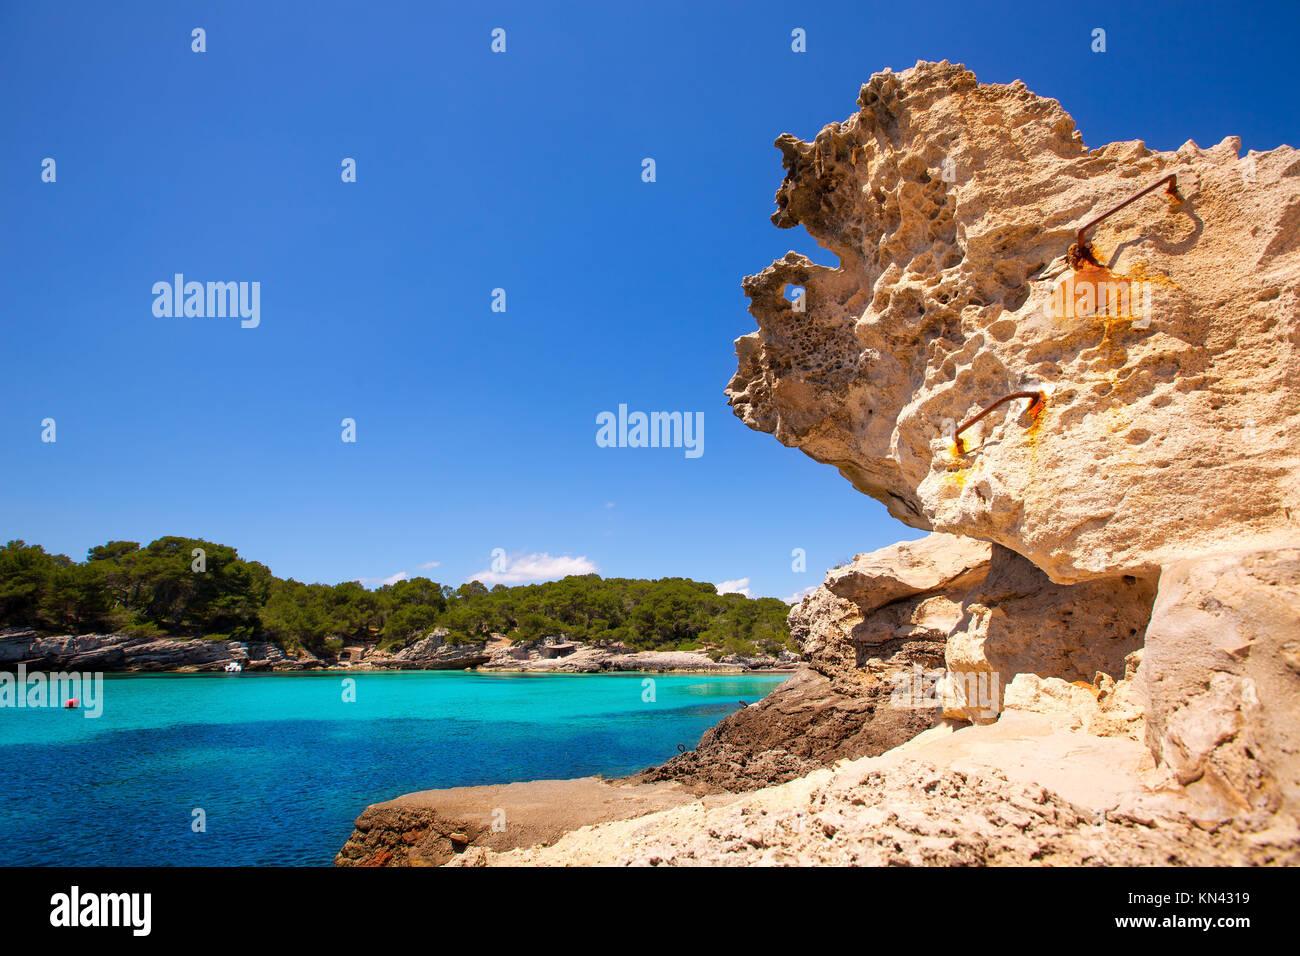 Cala en Turqueta Menorca Ciutadella türkisfarbene Mittelmeer Balearen. Stockbild